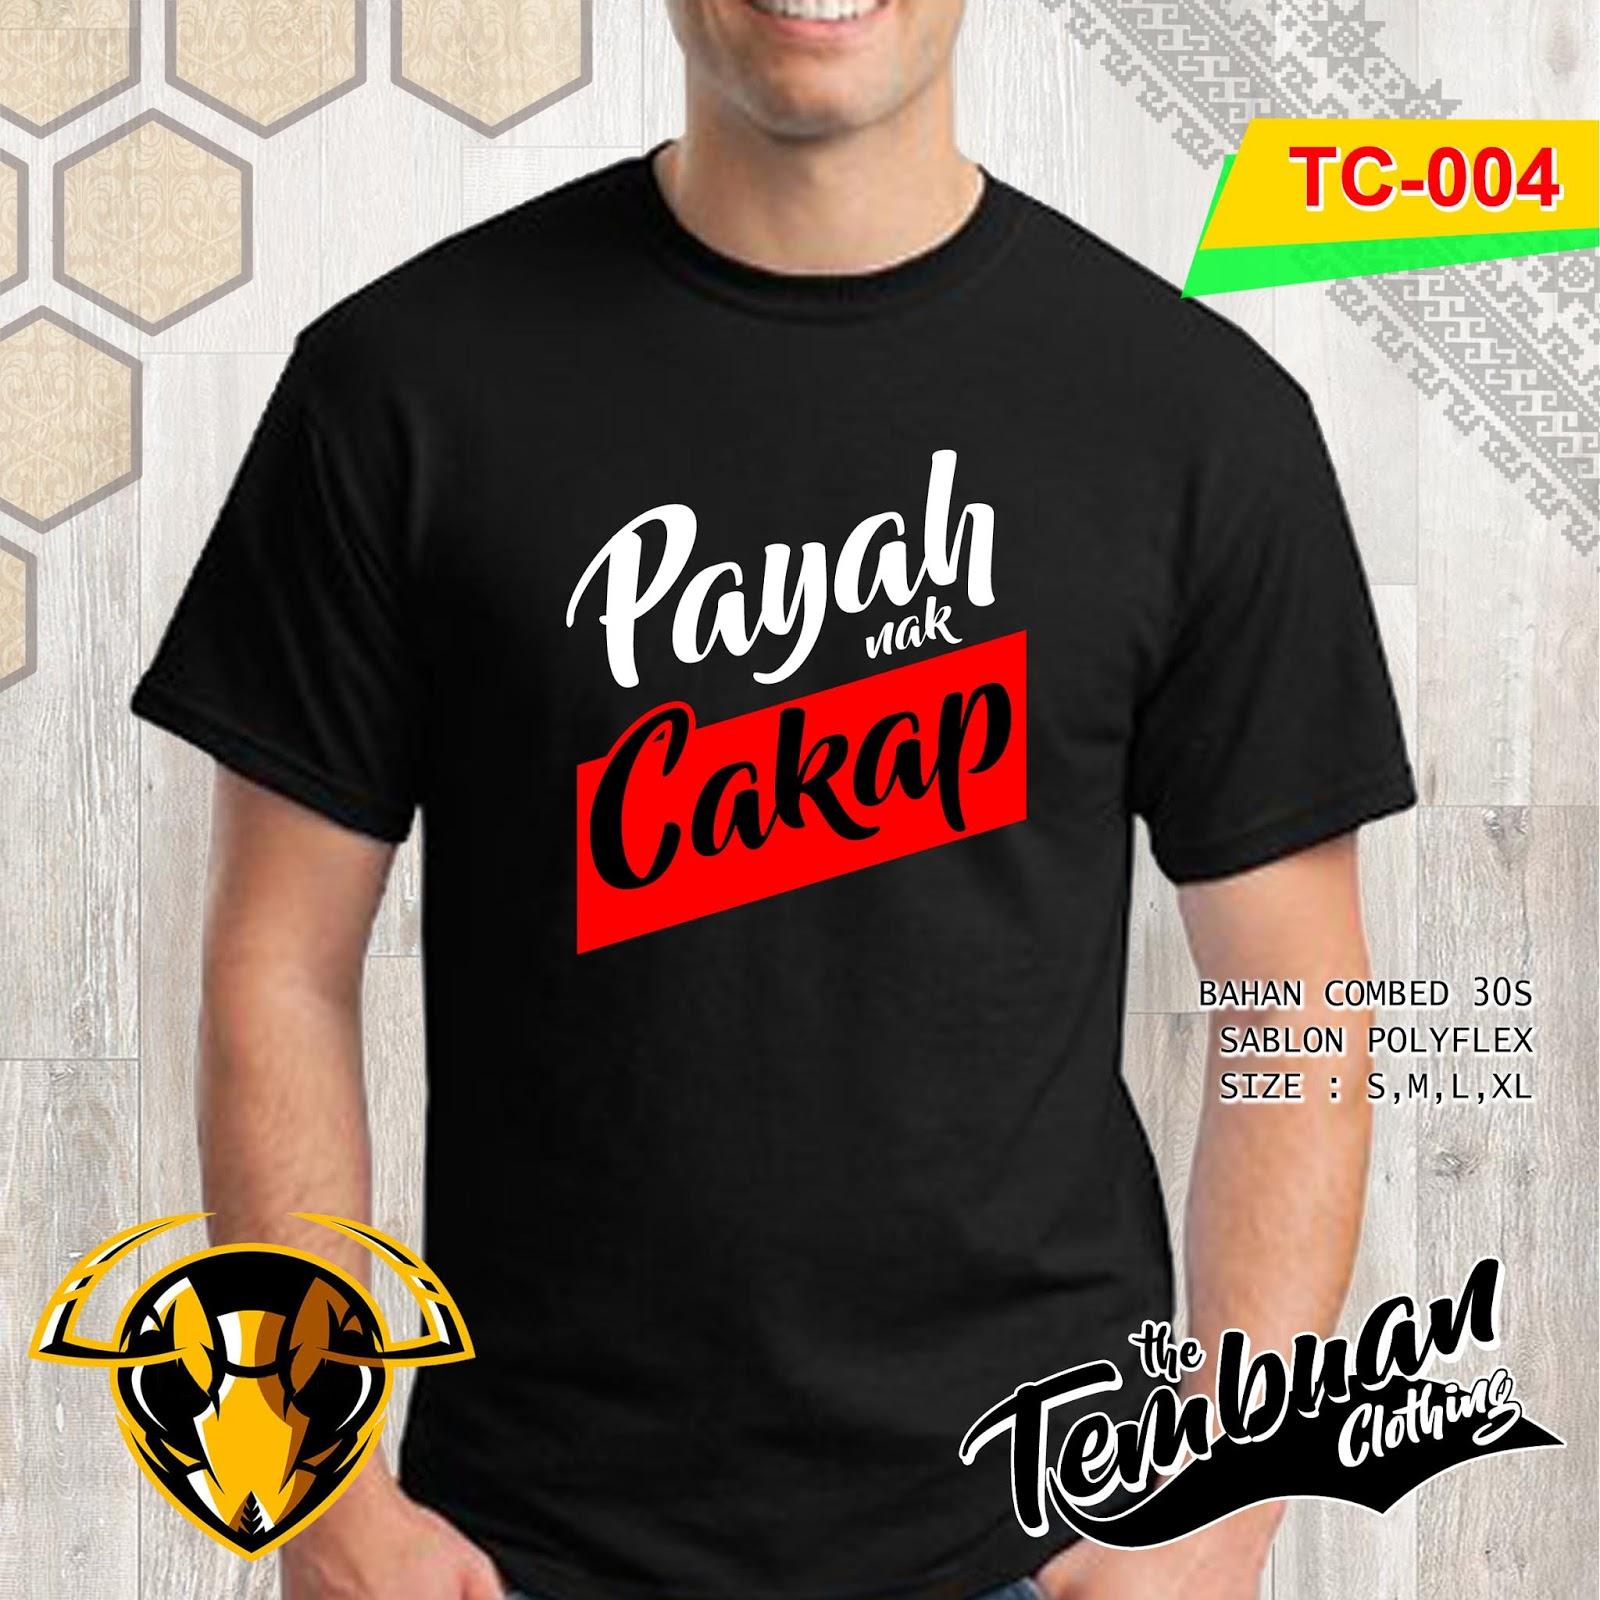 Tembuan Clothing - TC-004 (Payah Nak Cakap)